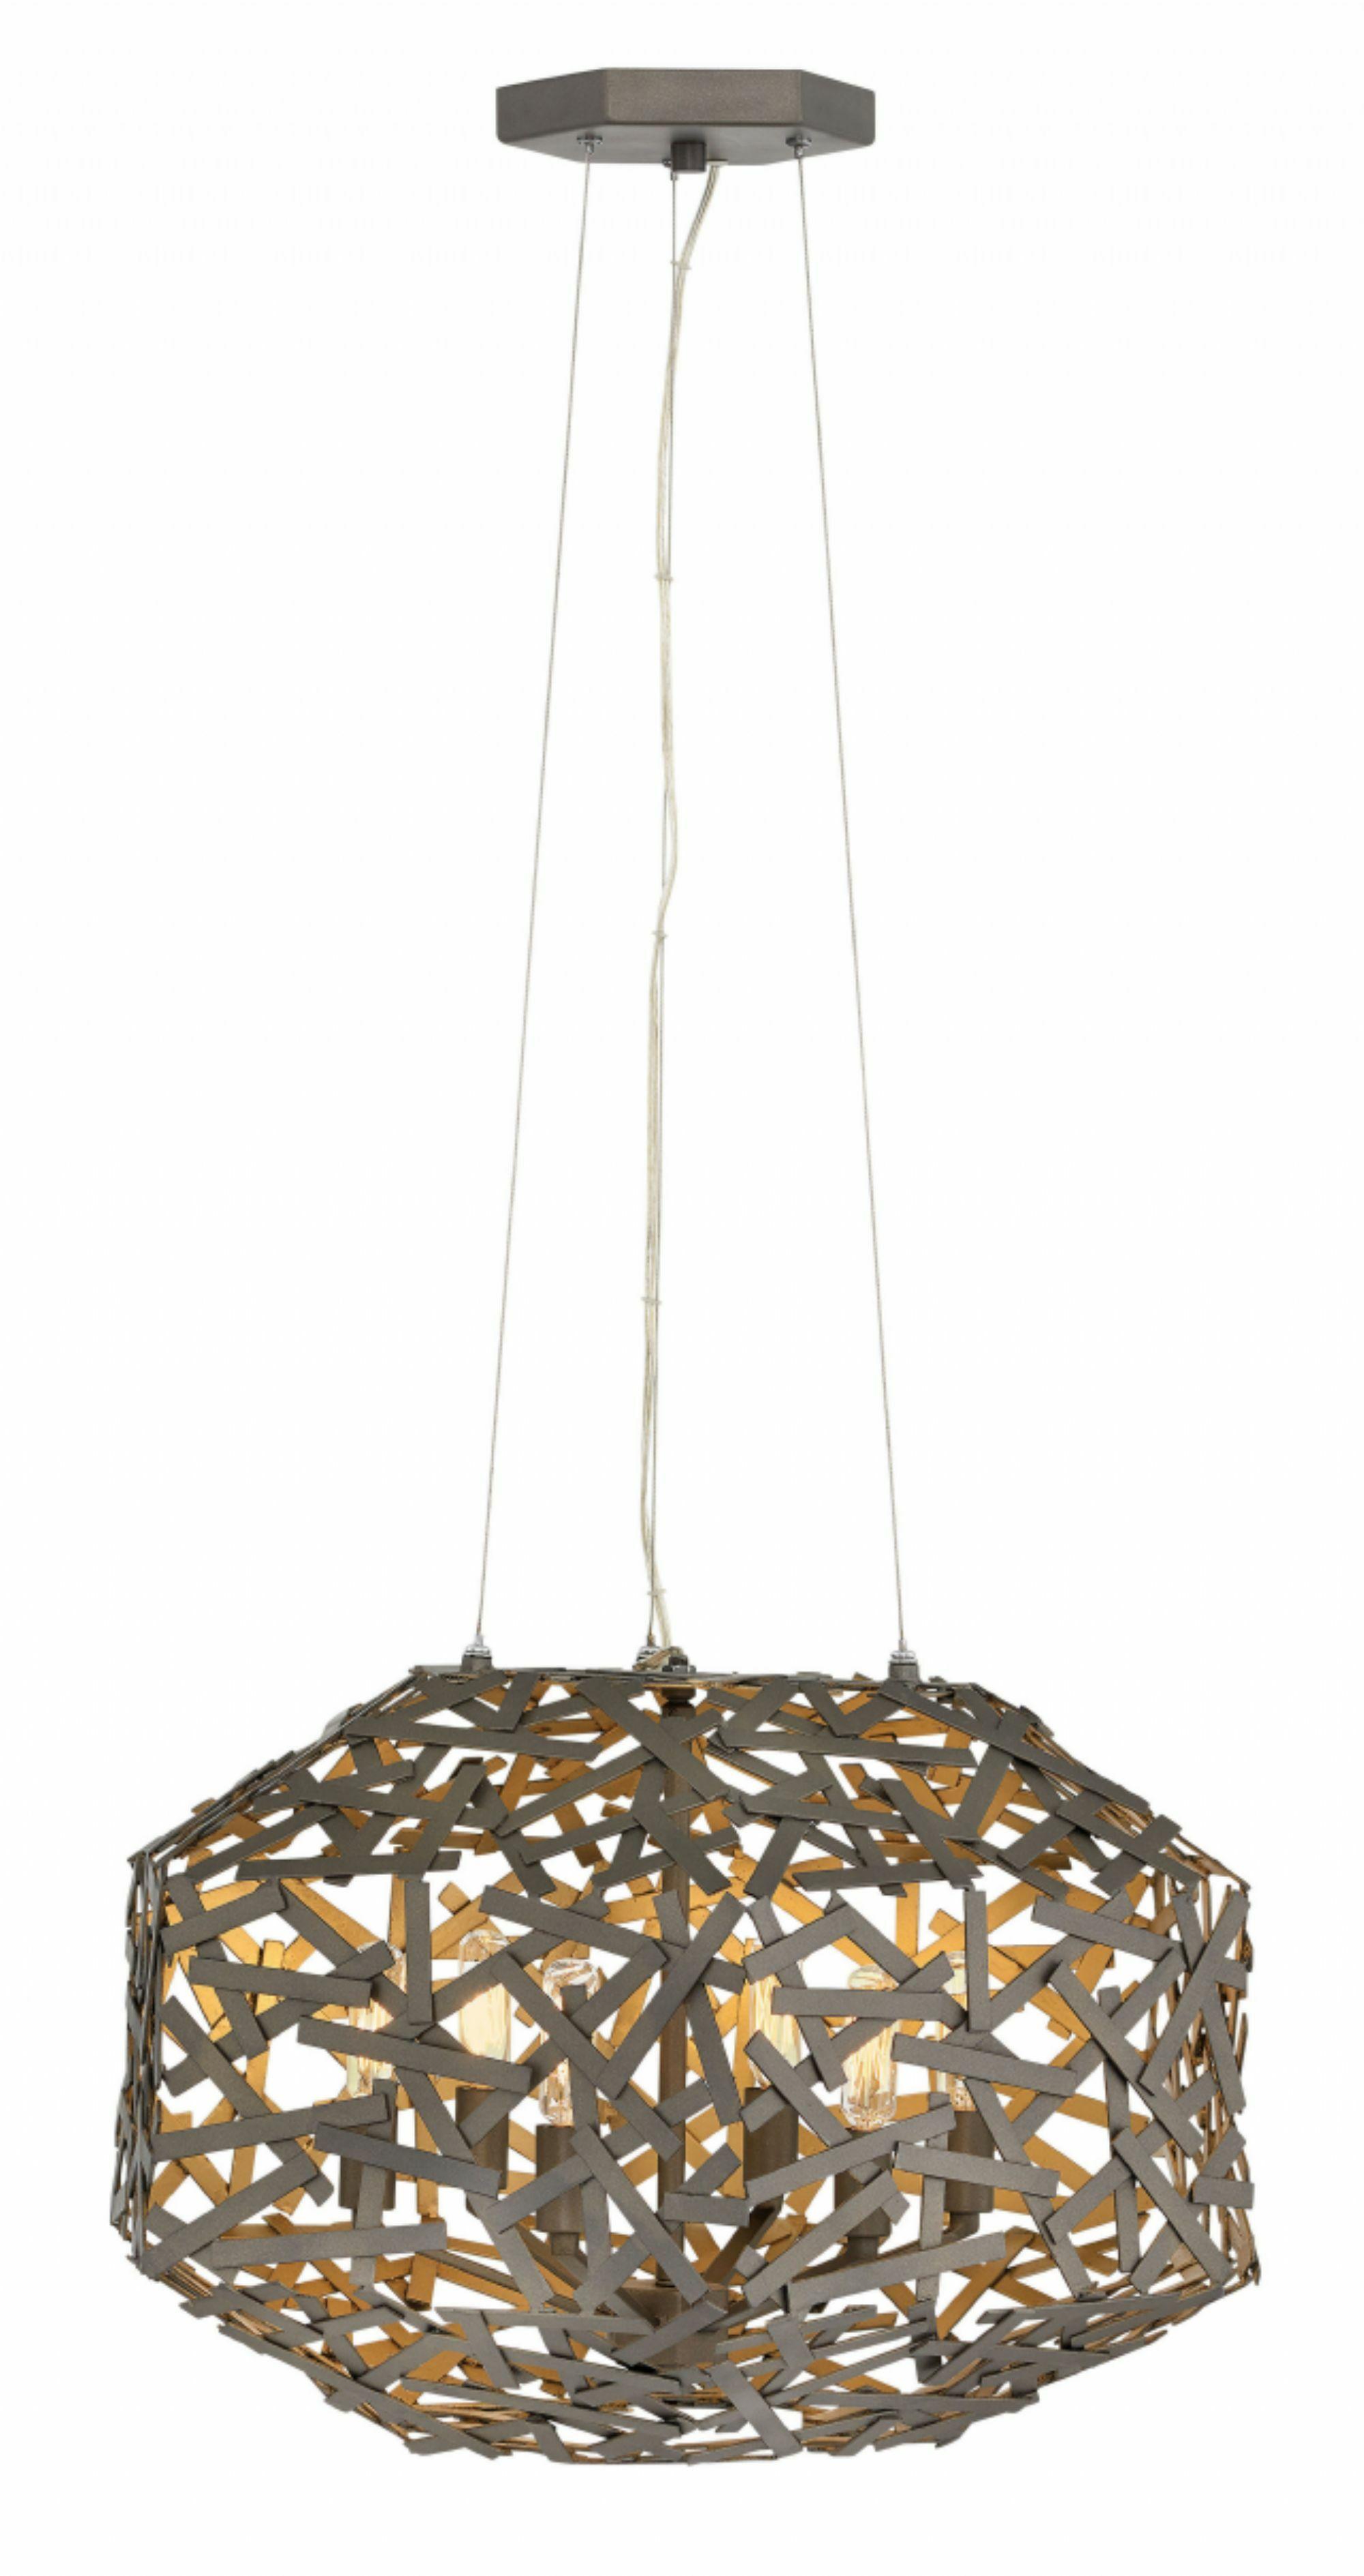 Kestrel 3-Light Geometric Chandelier